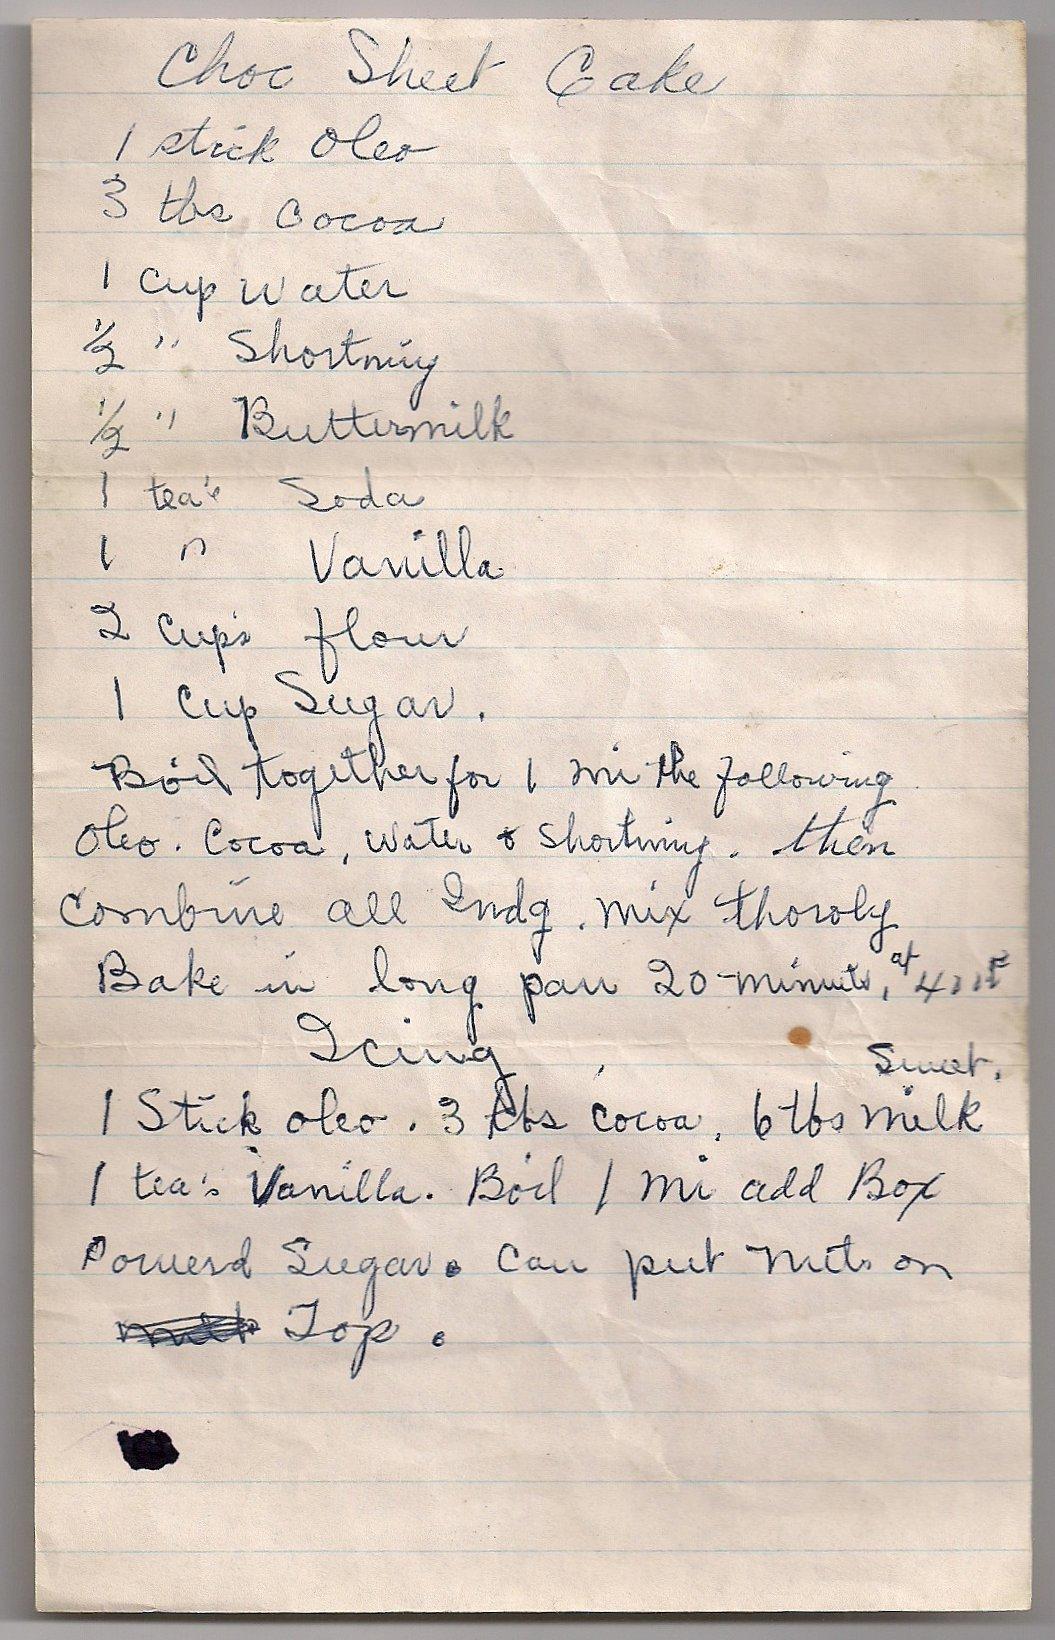 Quick Amish Cake Recipes